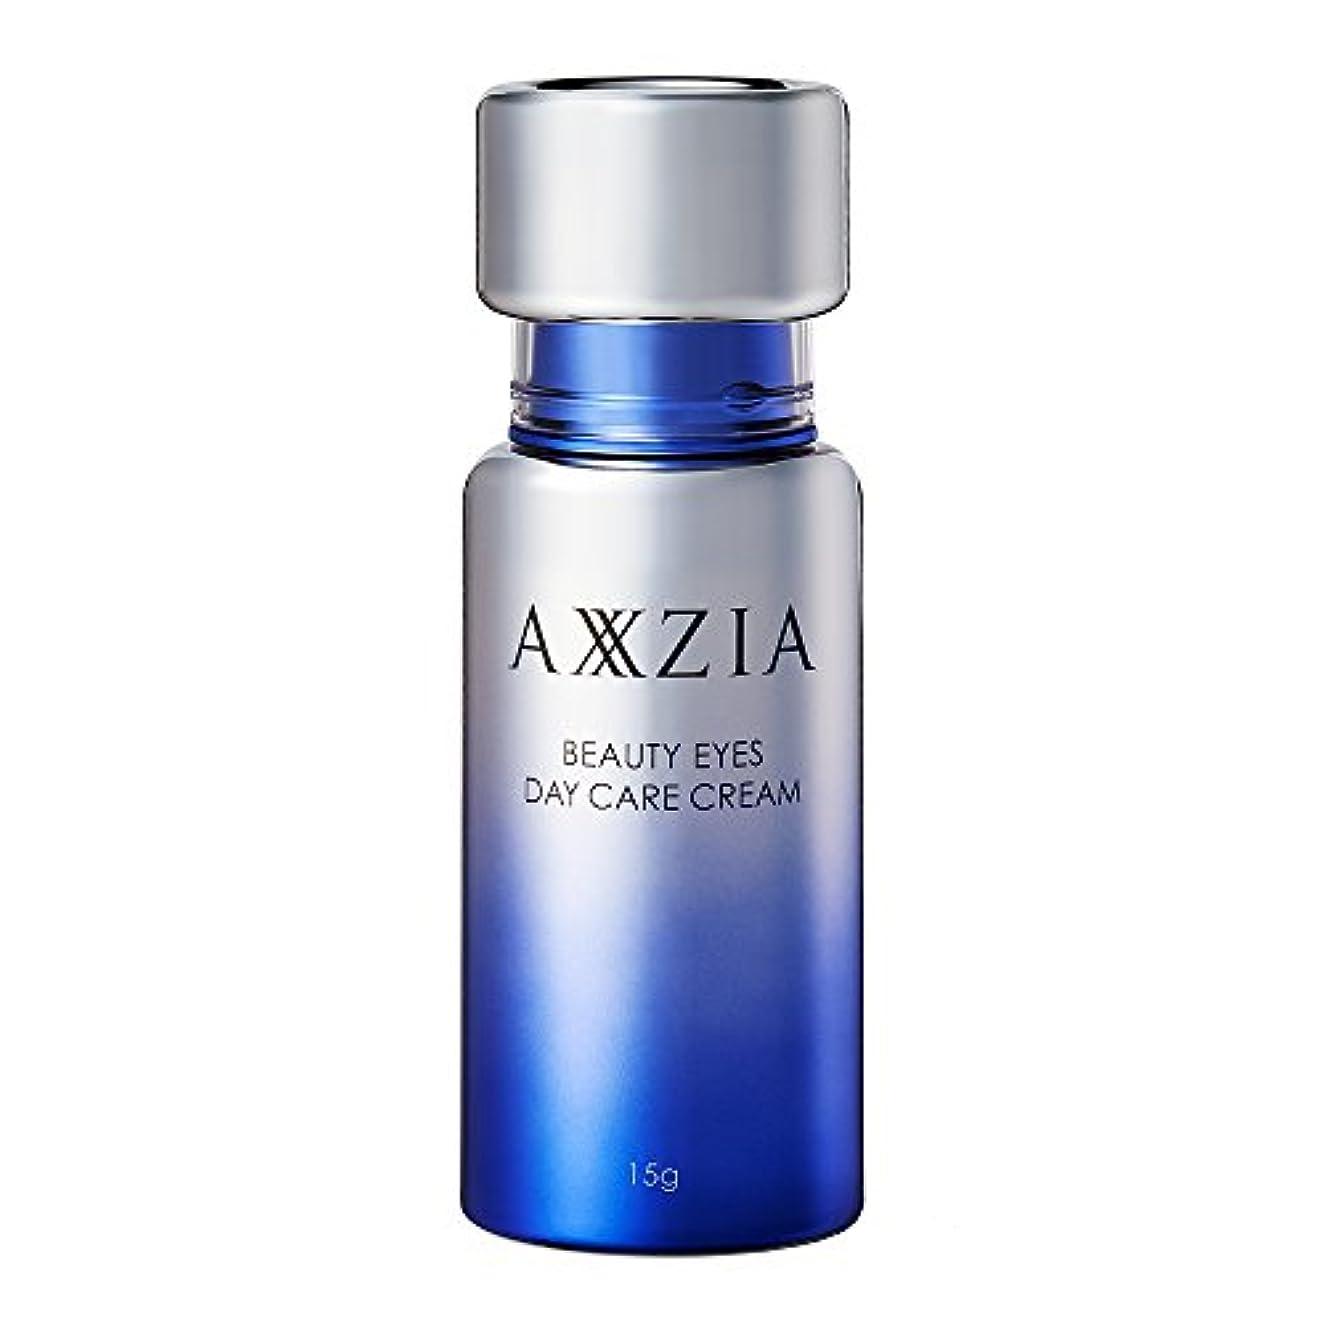 和筋奇跡アクシージア (AXXZIA) ビューティアイズ デイ ケア クリーム 15g | アイクリーム 目の下のたるみ 化粧品 解消 目元のたるみ